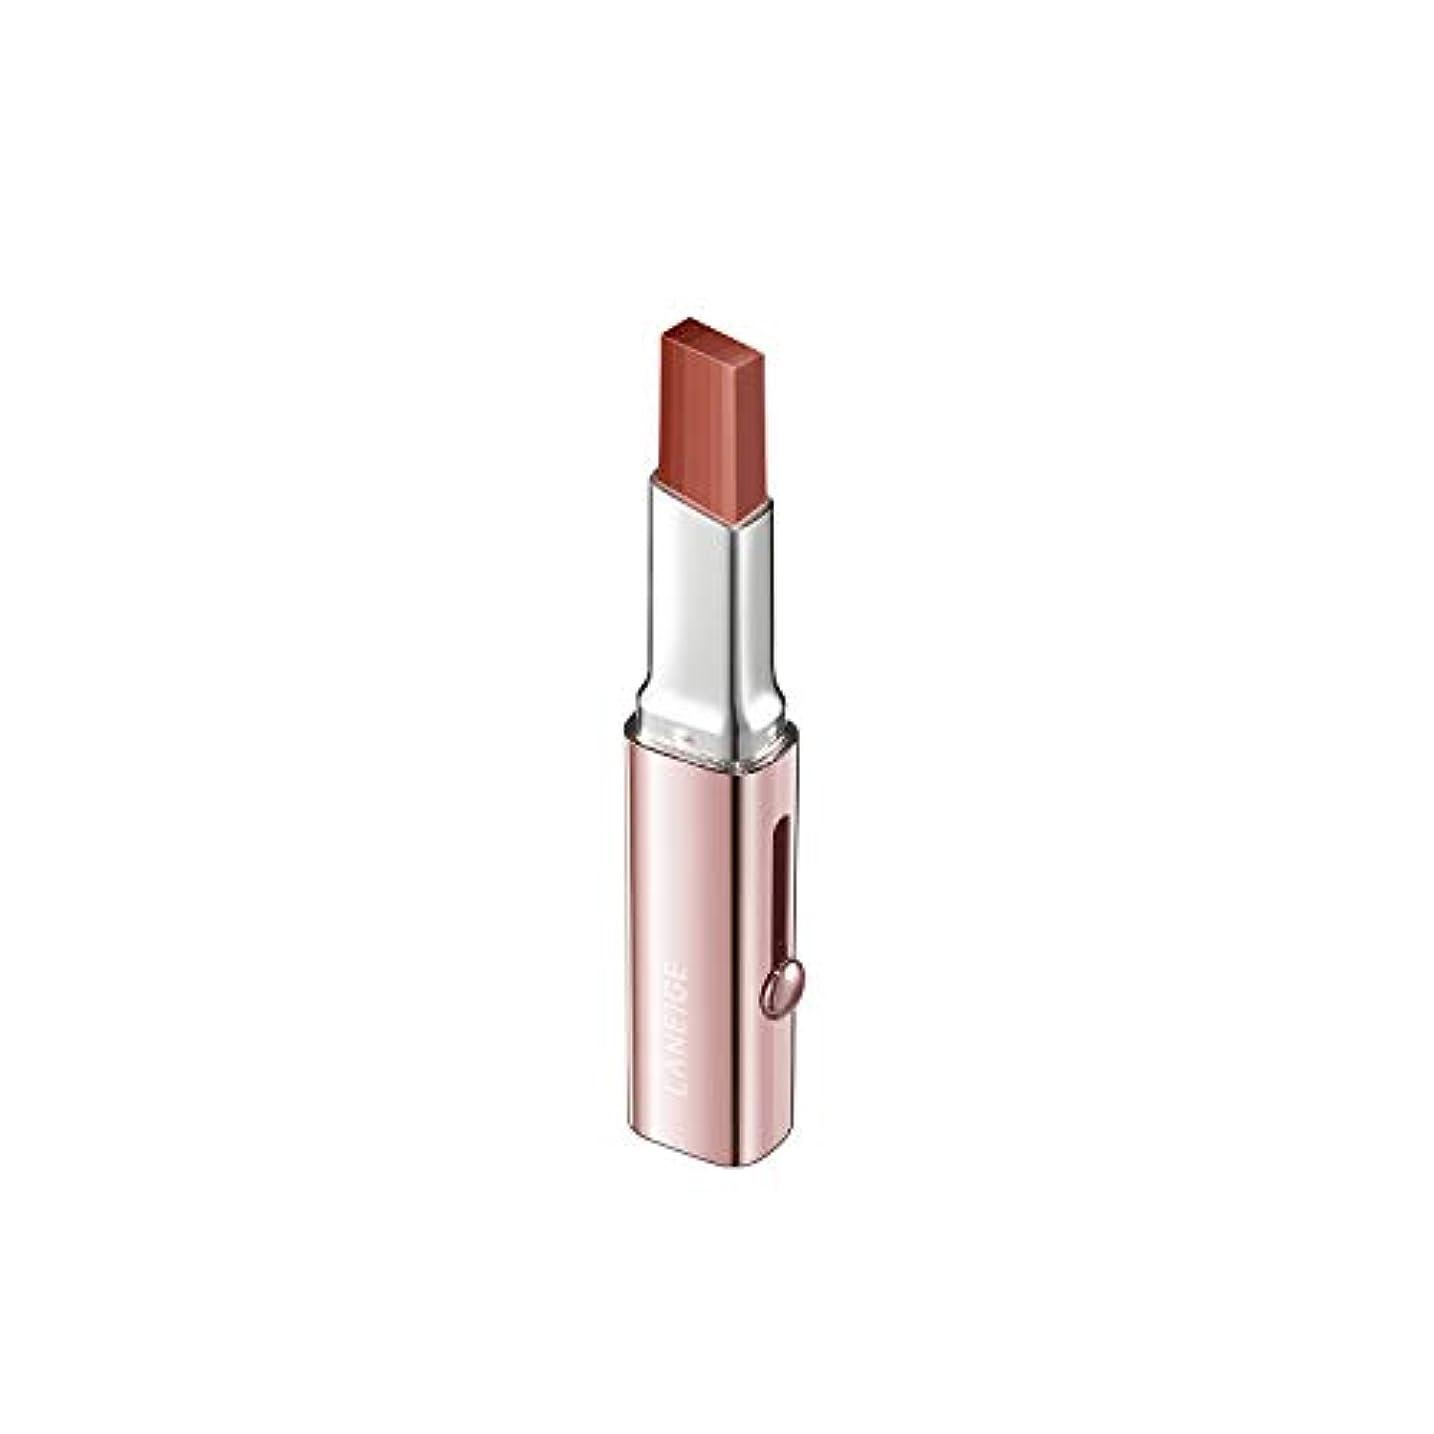 誓約エスカレーター最高【ラネージュ】階層リップバー(1.9G)/ Layering Lip Bar-6つのカラーでのグラデーションカラー演出 (#15 SHAY BEIGE)